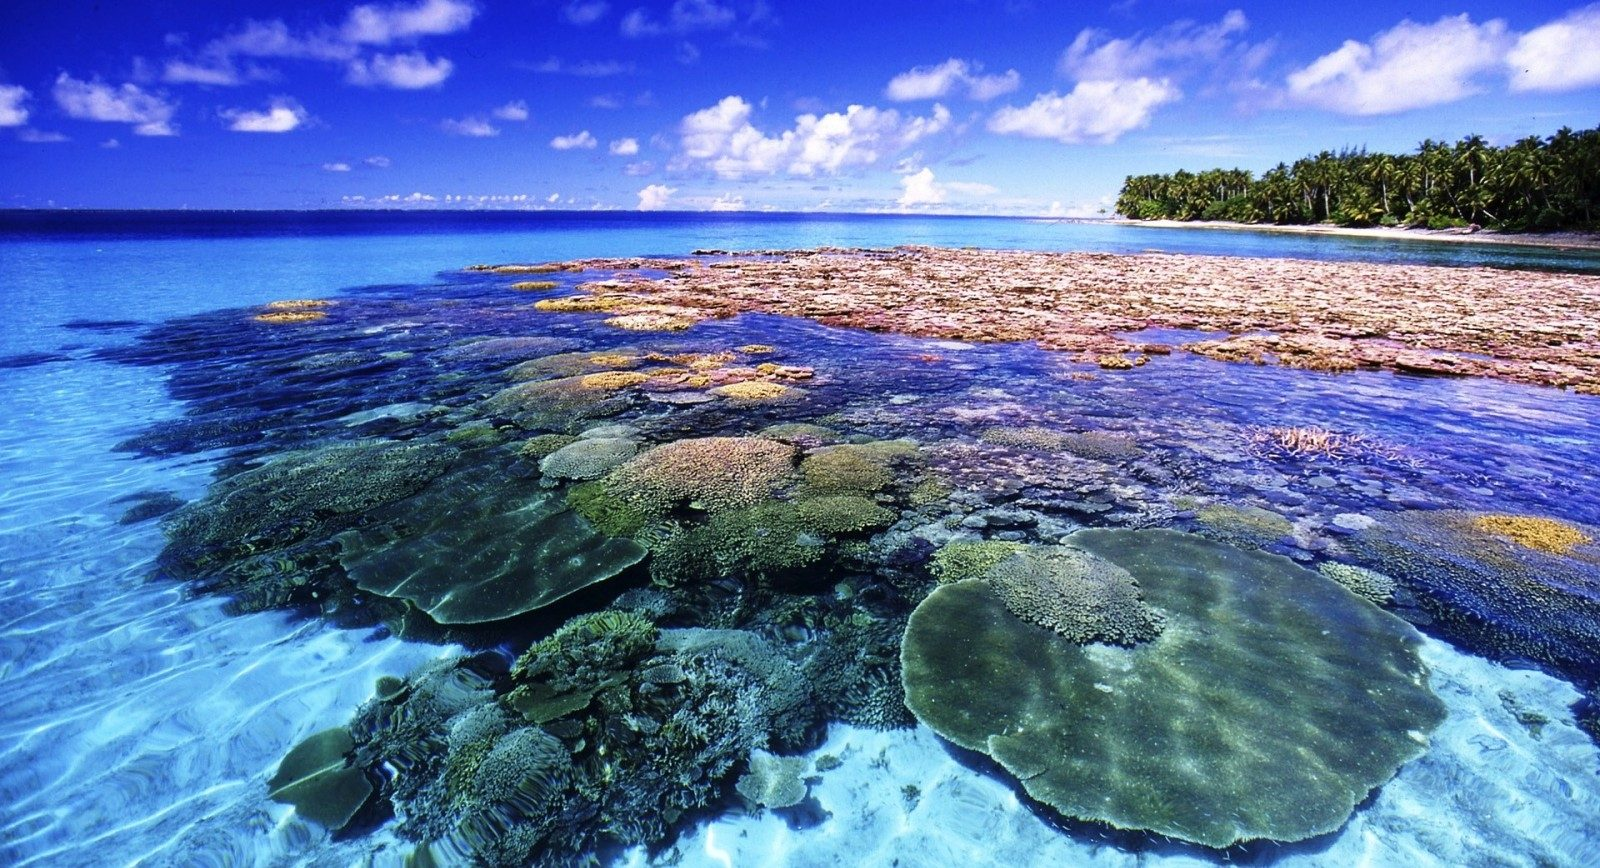 at_coral-island-hon-dao-san-ho-me-hon-du-khach_9cb81ebf16e8b0adc022cf539e3fd6d2